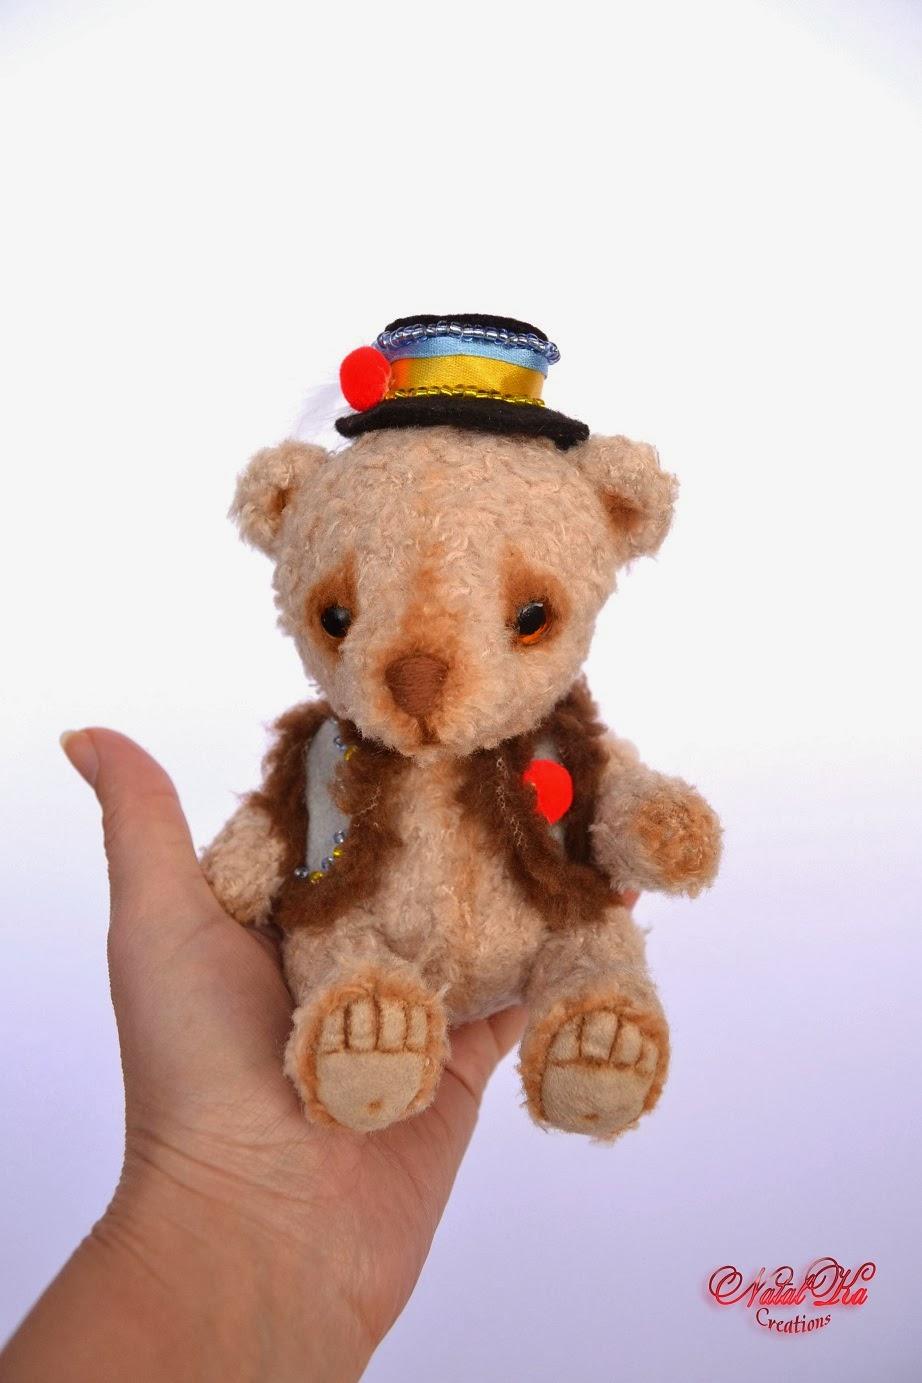 Künstlerbär Teddybär Bär Teddy handgemacht von NatalKa Creations. Artist Teddy Bear ooak handmade by NatalKa Creations